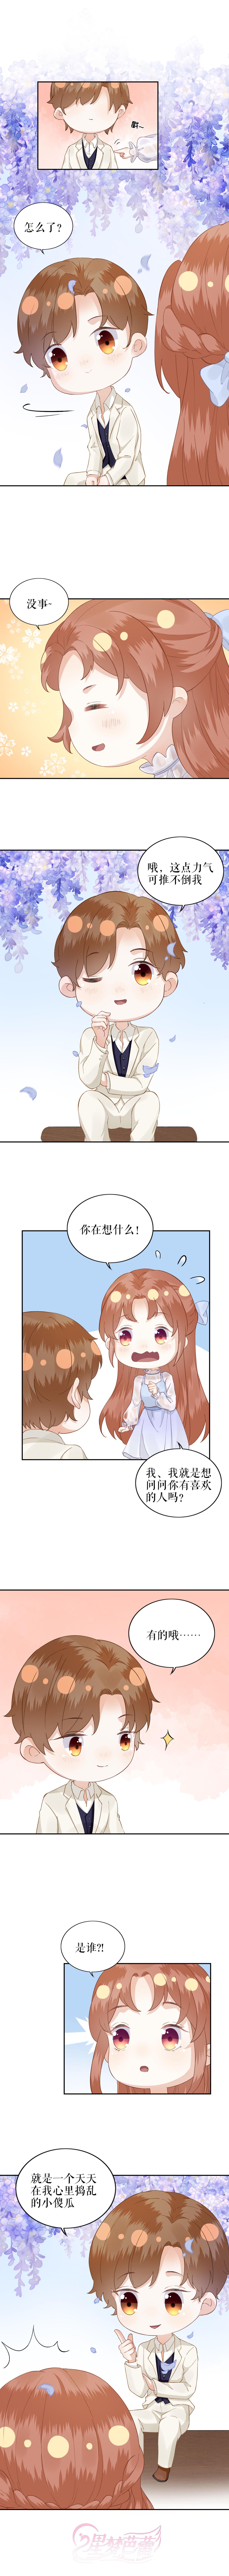 【你怎么这么可爱系列】想知道秦泽喜欢的是谁!?